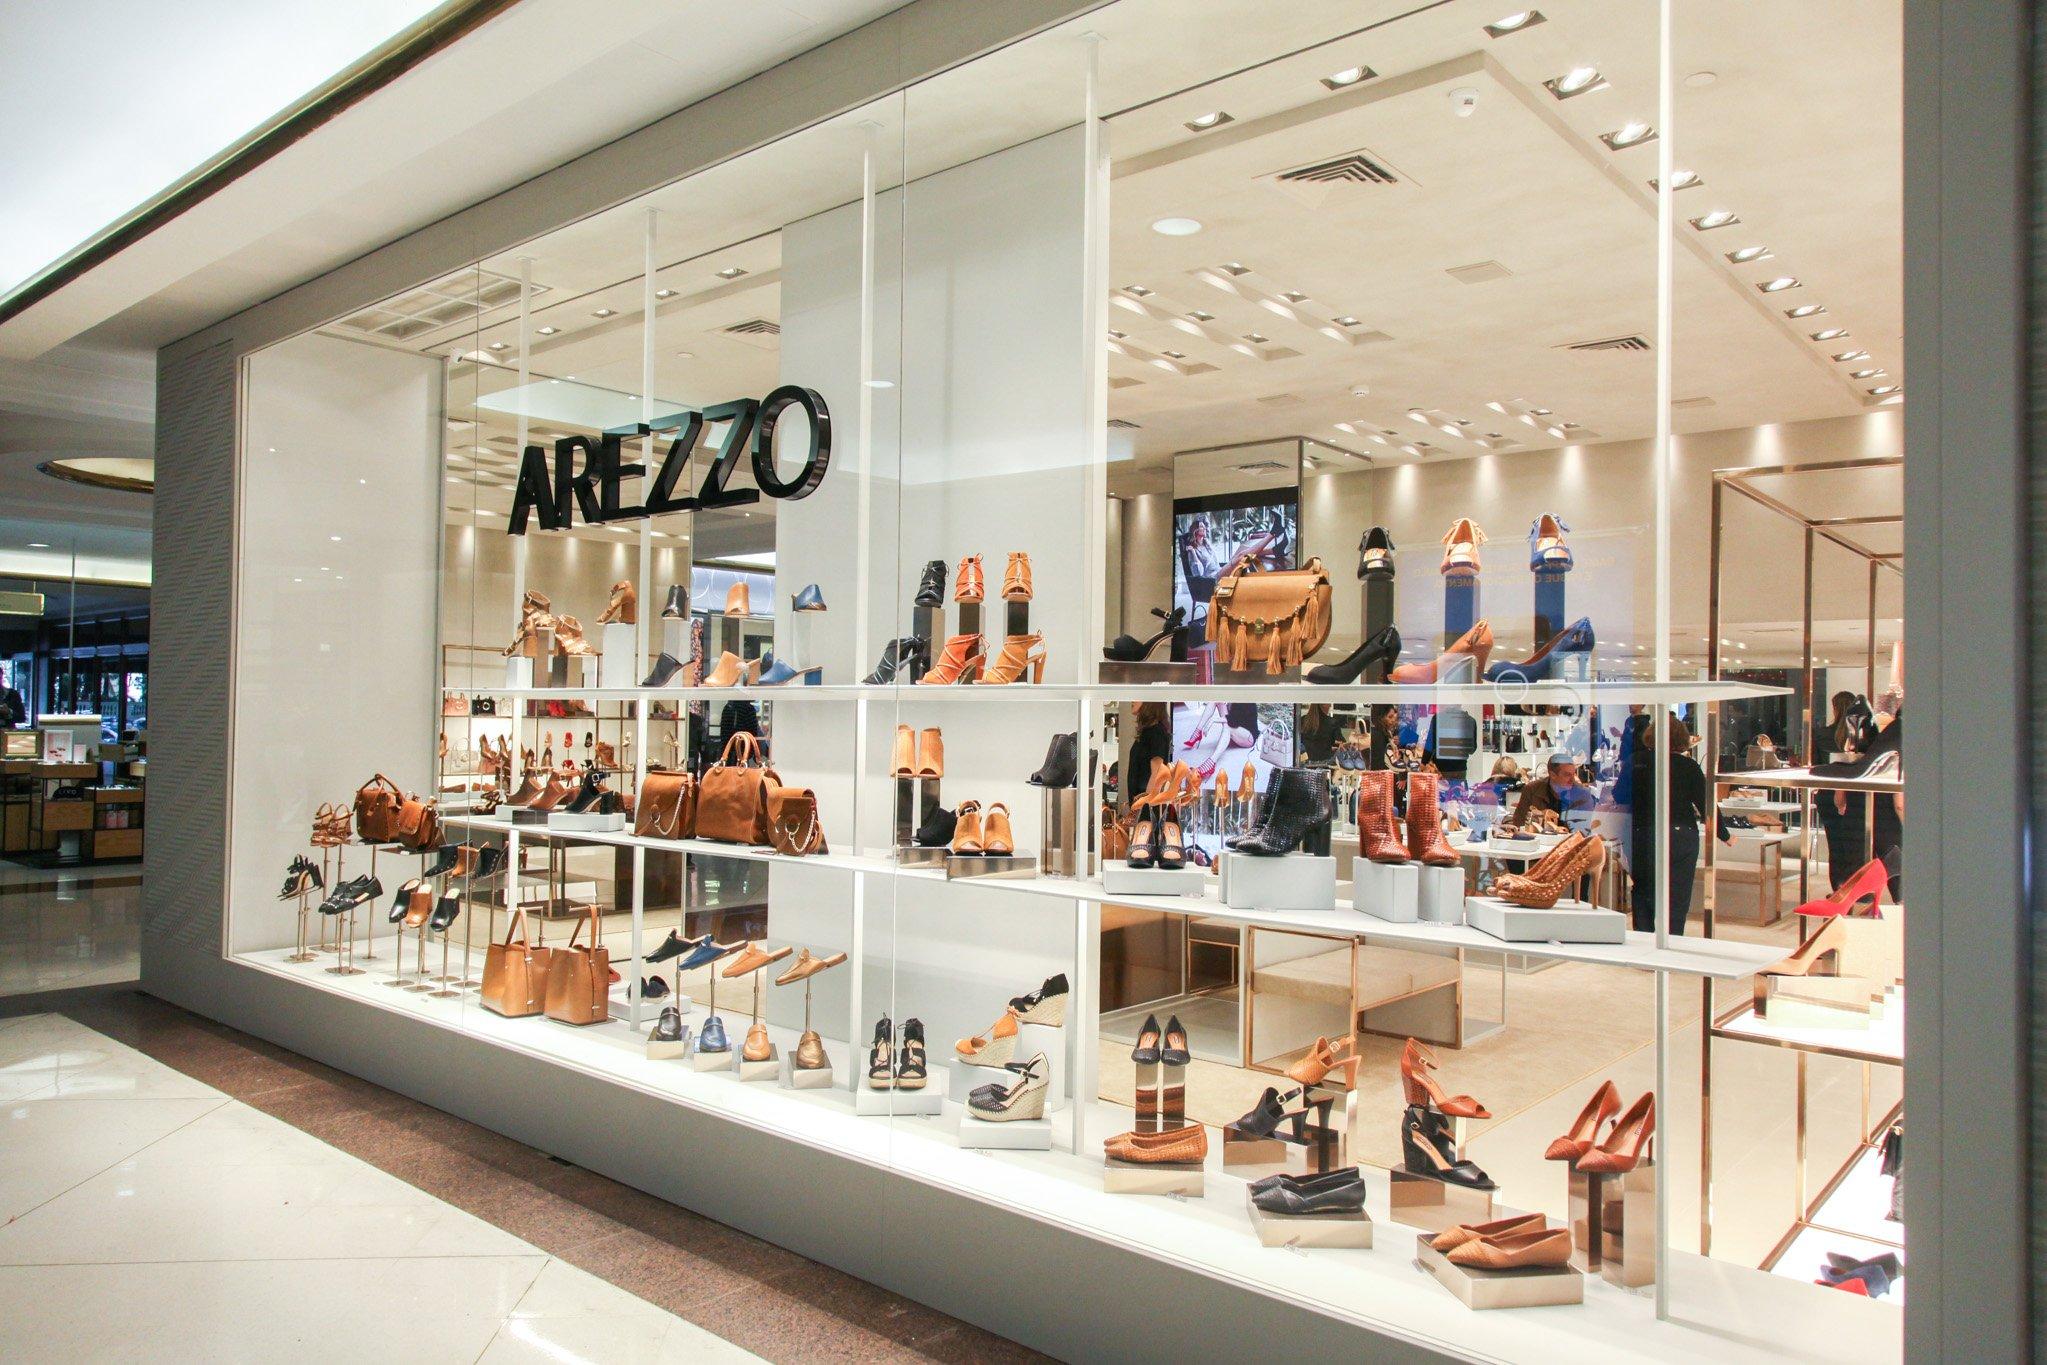 Arezzo (ARZZ3) não fará nova oferta para Hering (HGTX3) arezzo (arzz3) não fará nova oferta para hering (hgtx3) Arezzo (ARZZ3) não fará nova oferta para Hering (HGTX3) arezzo arzz3